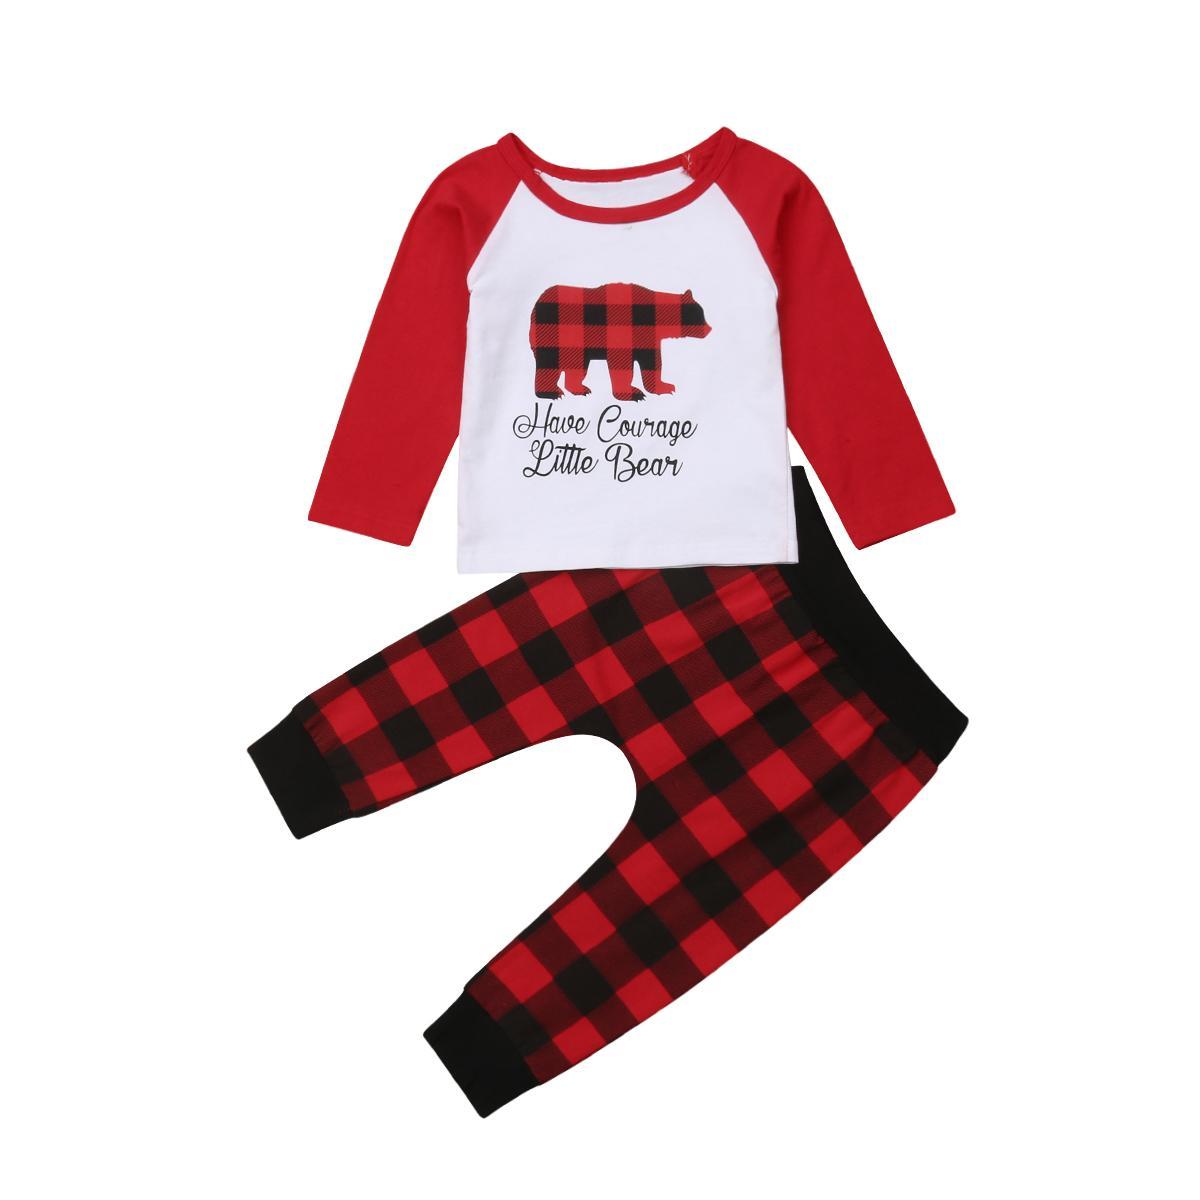 Niña Niño infantil de Navidad del niño de los niños del bebé de manga larga camiseta de la cerveza Tops tela escocesa del rojo de las bragas 2 piezas de pantalones de Navidad de la ropa del